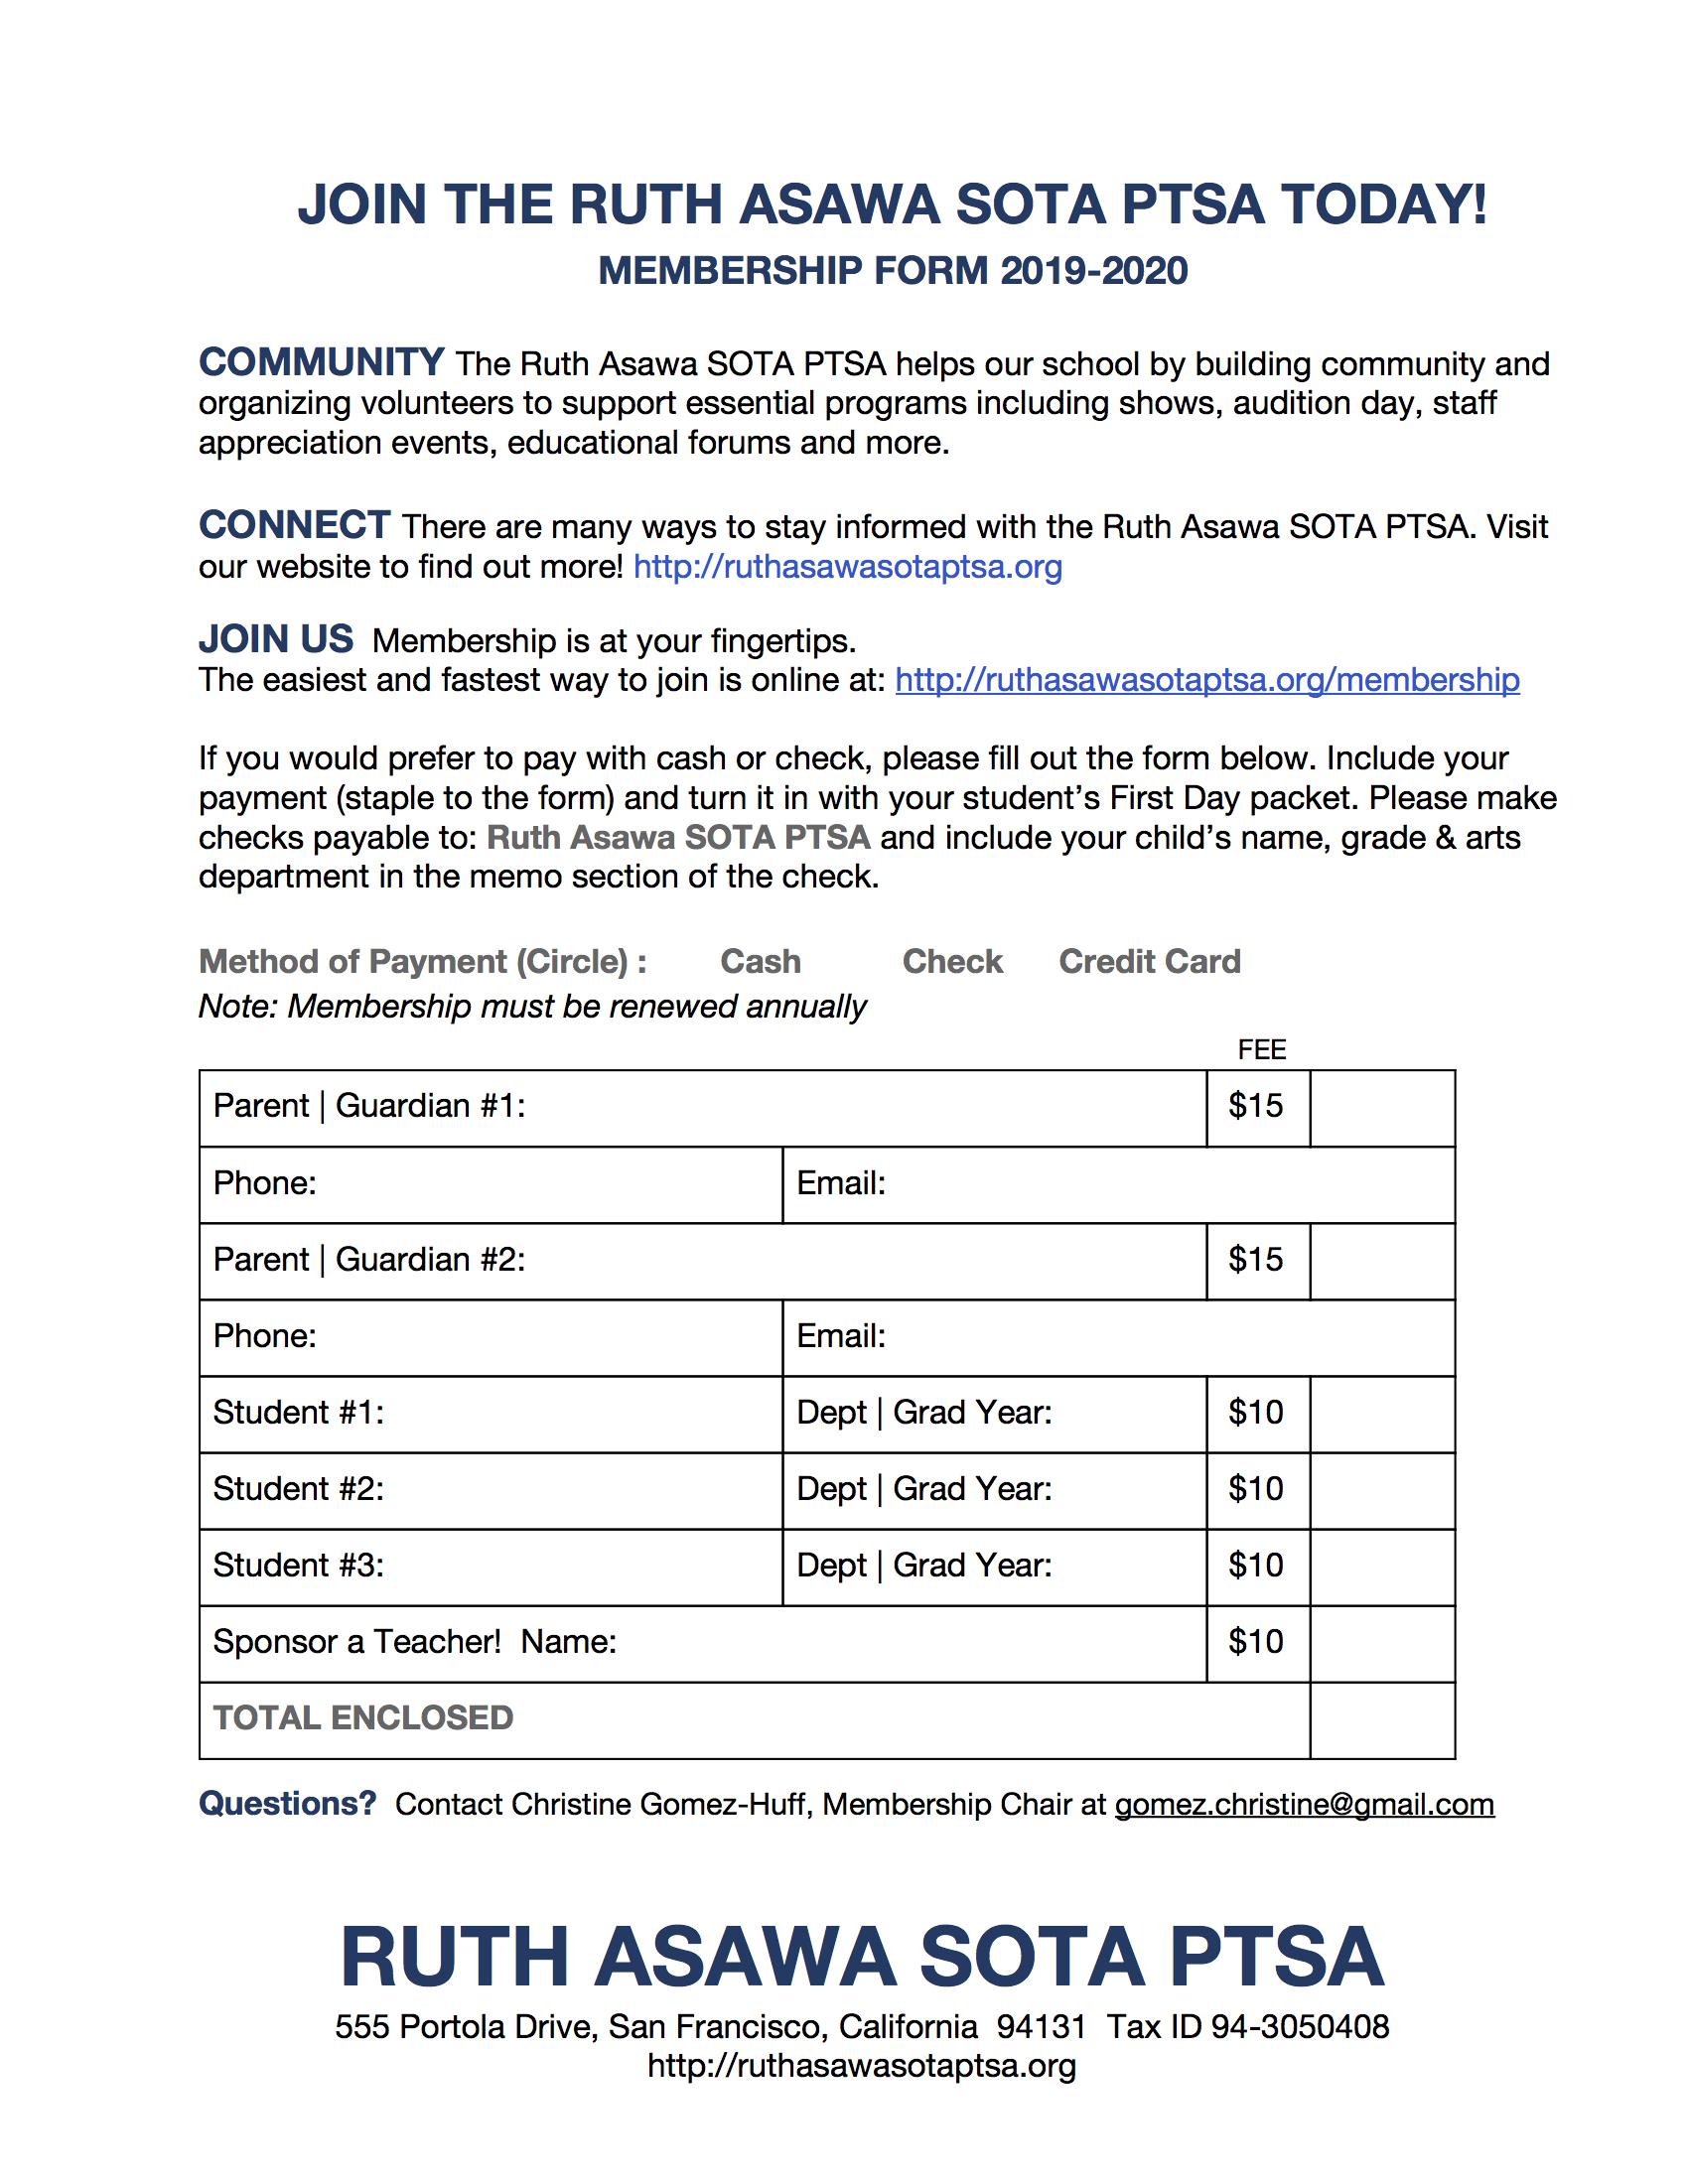 PTSA_Membership2019.jpg